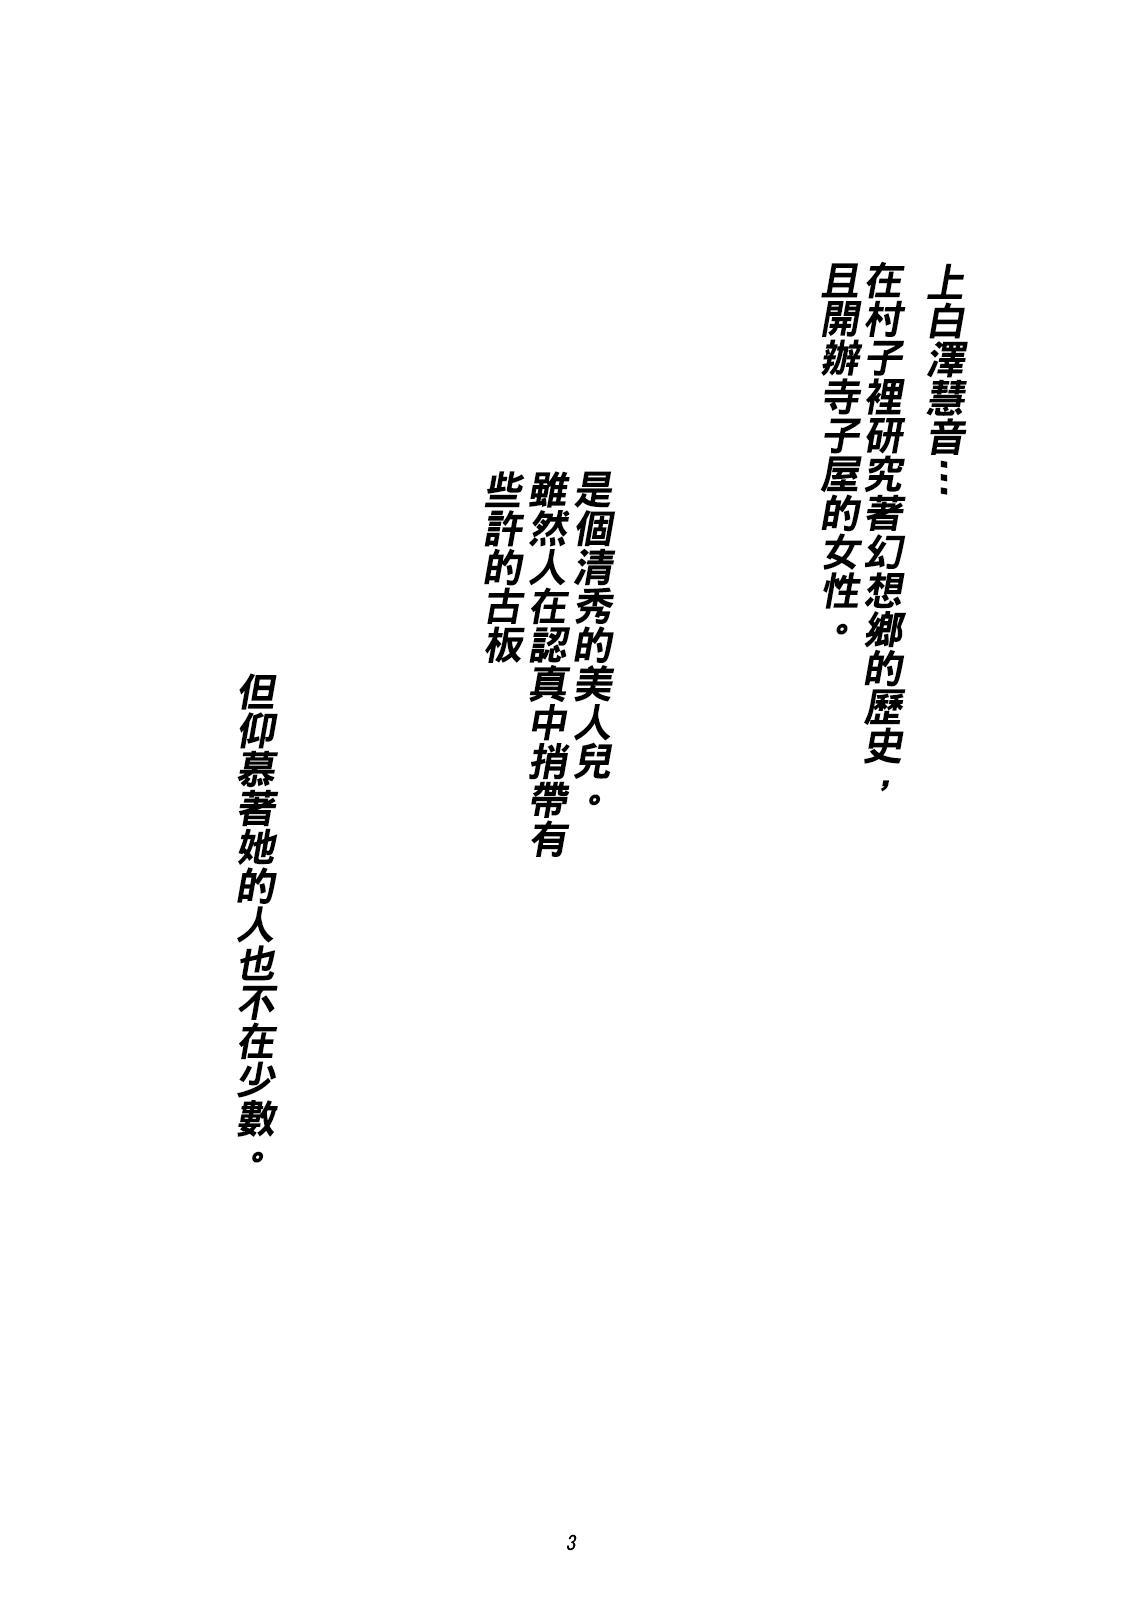 Kanojo no Himitsu 3